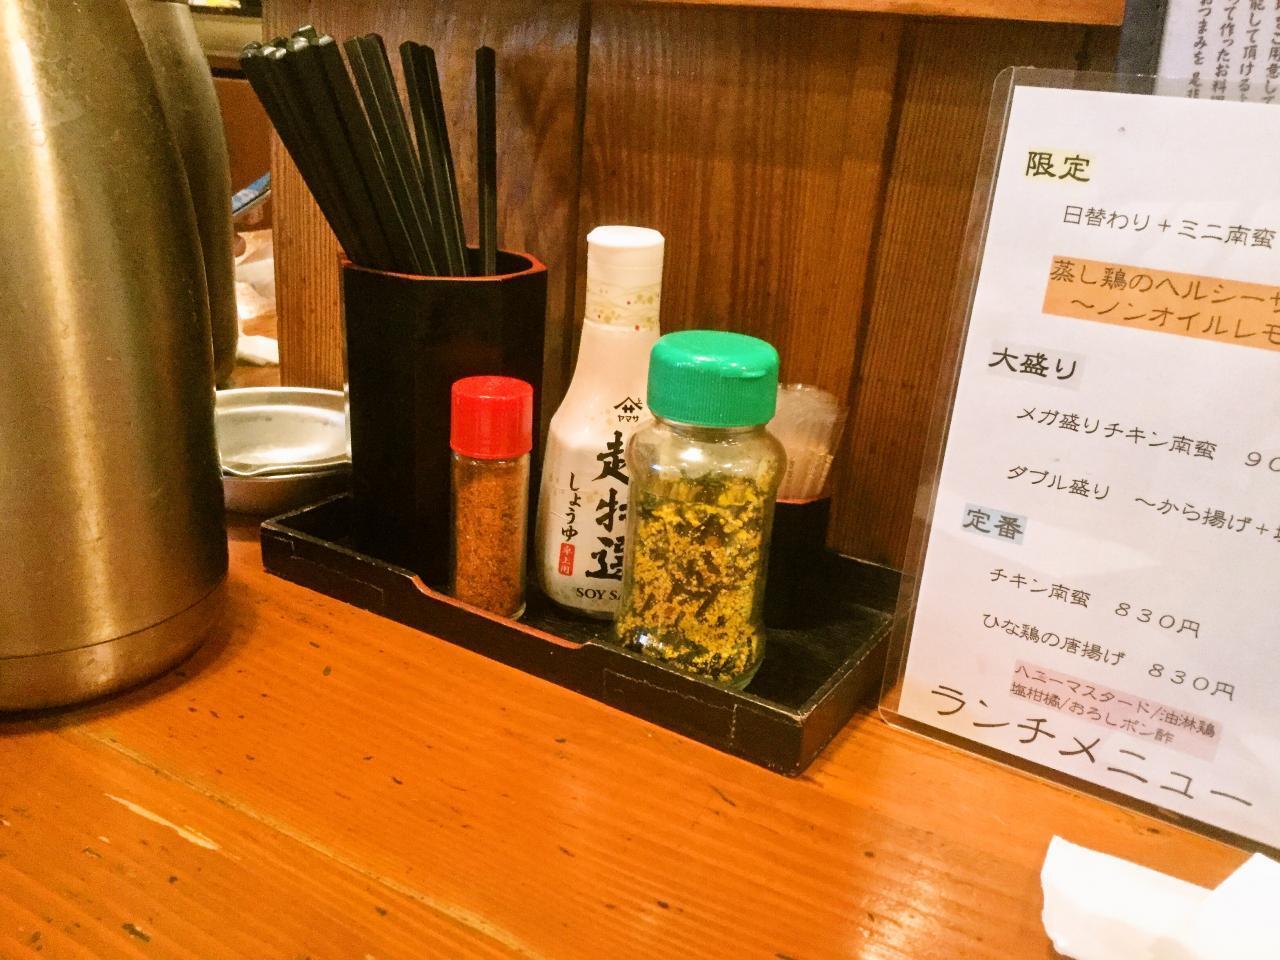 ふくの鳥 飯田橋店(カレー食べ放題)